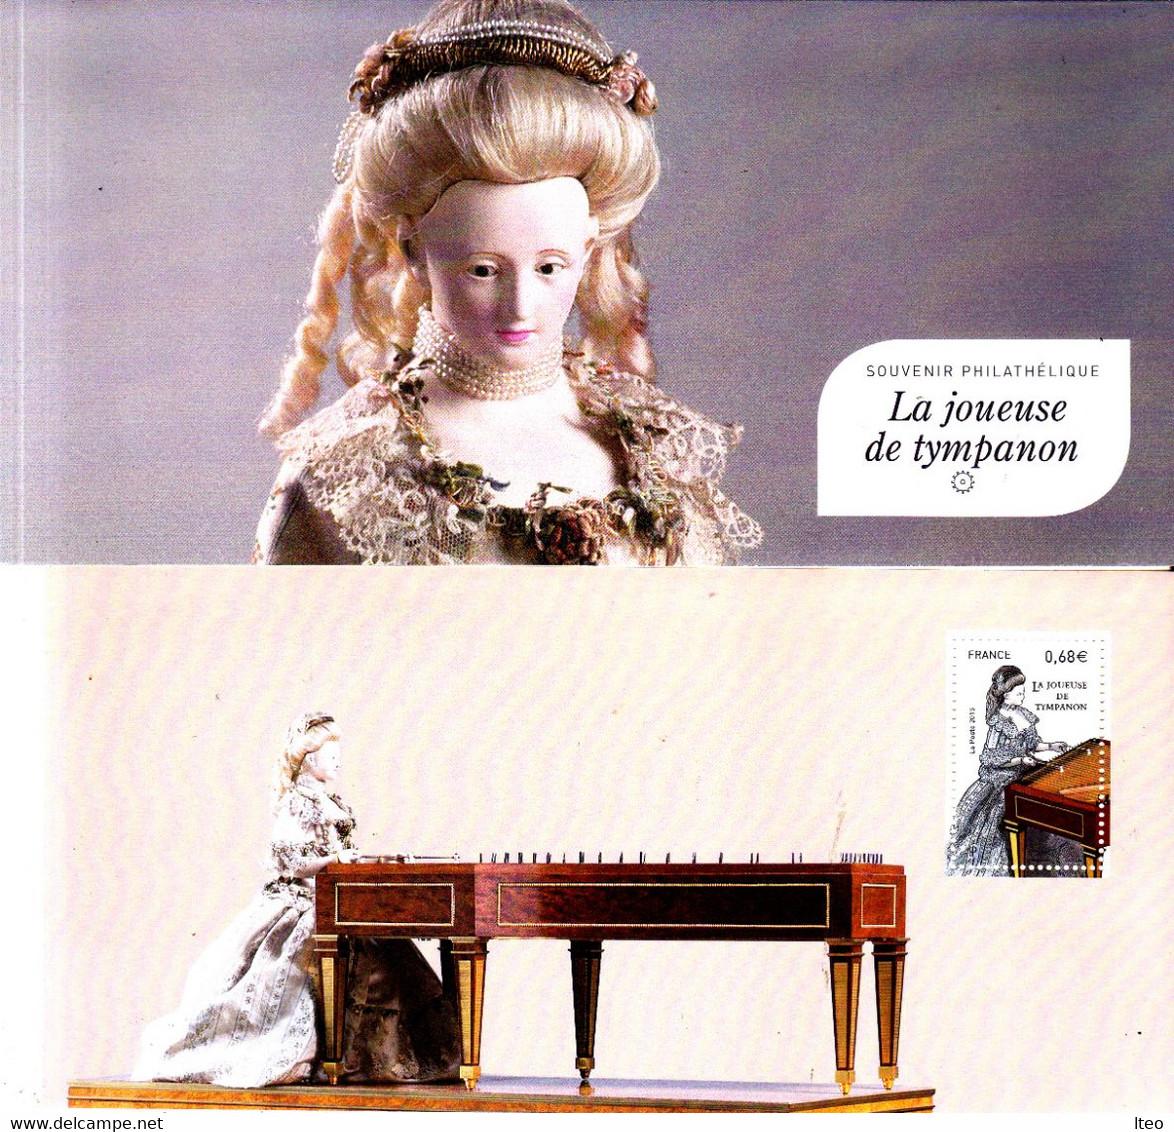 Frances 2015** 6 Souvenirs Philatéliques Les Boites à Musique - Music